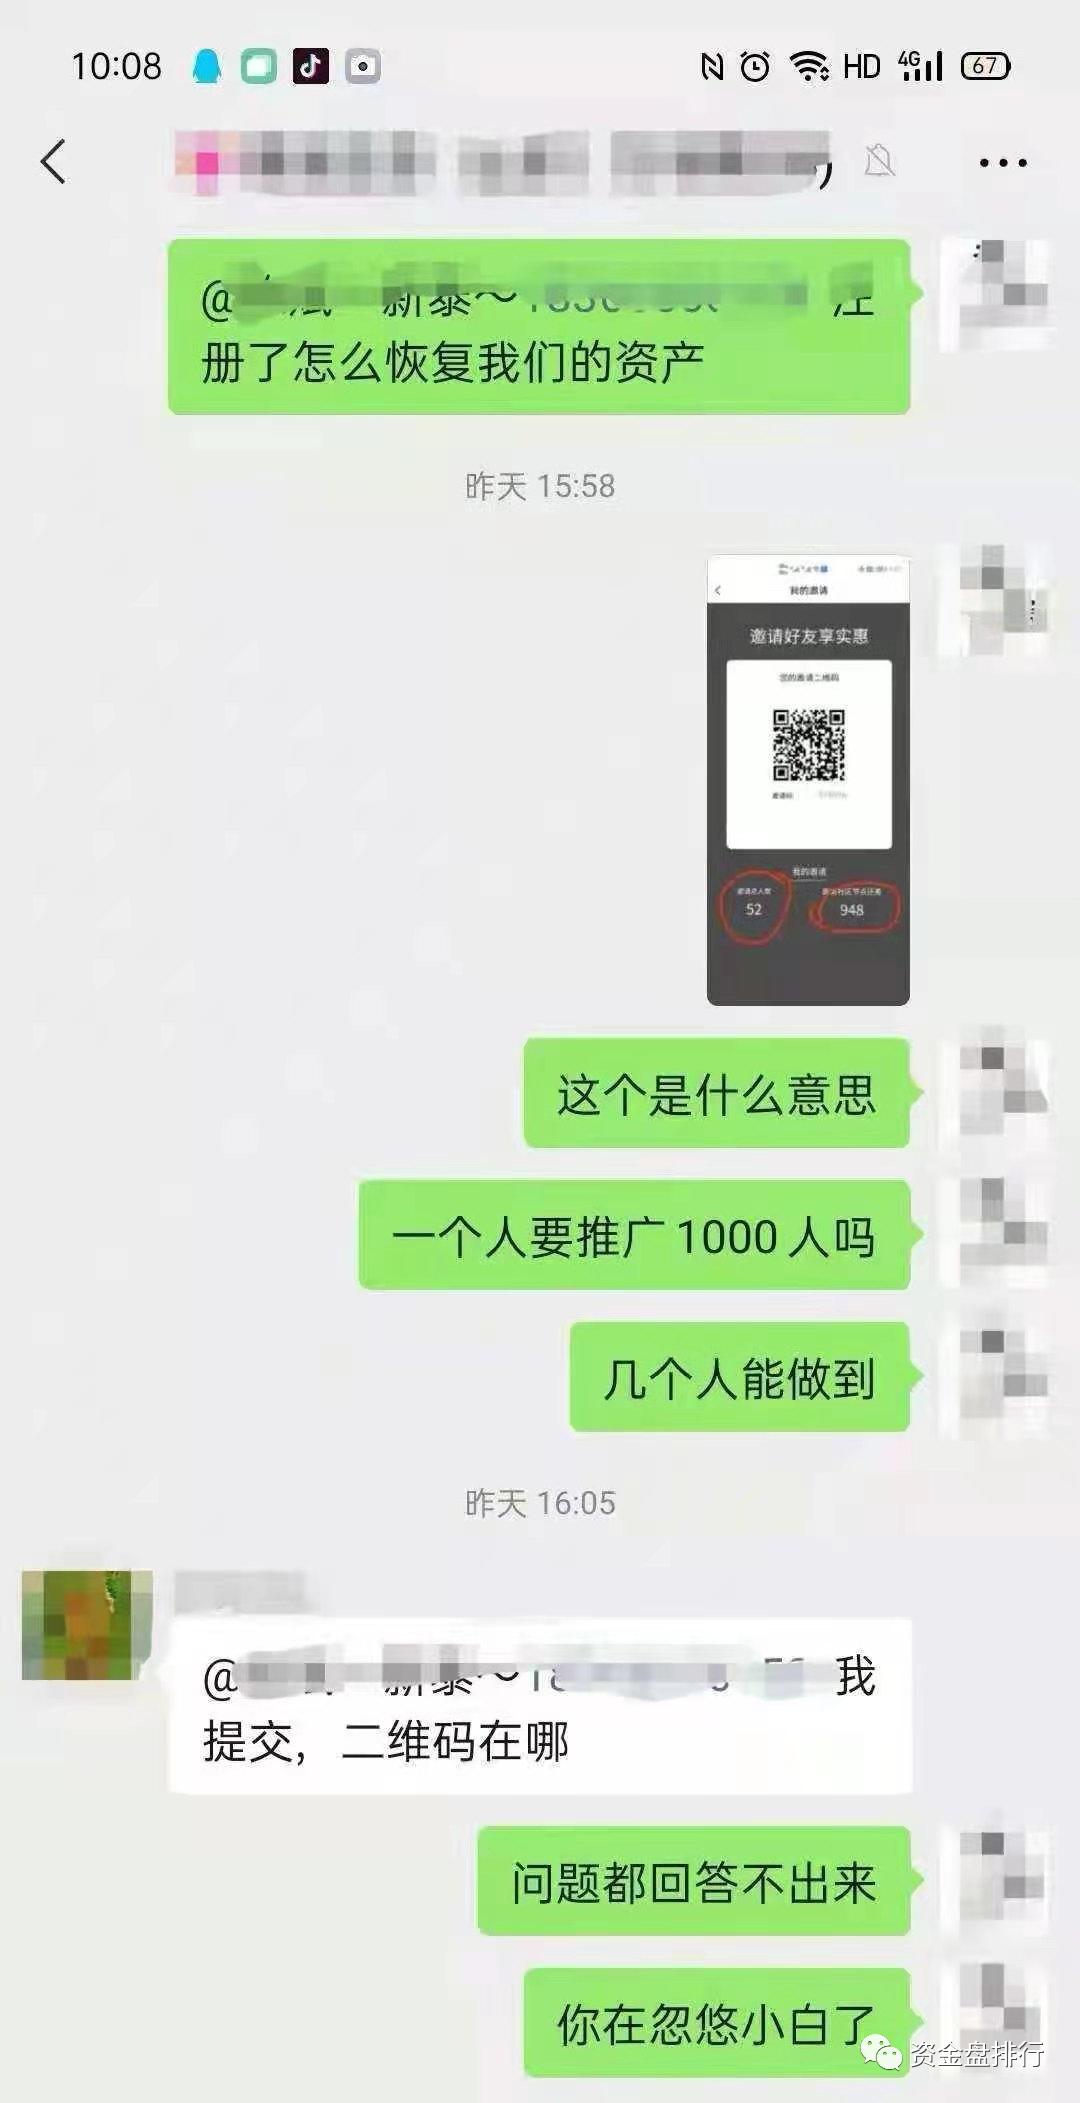 """【曝光】""""慈善币""""新项目刚启动,负责人就卷款跑路了!!!插图10"""